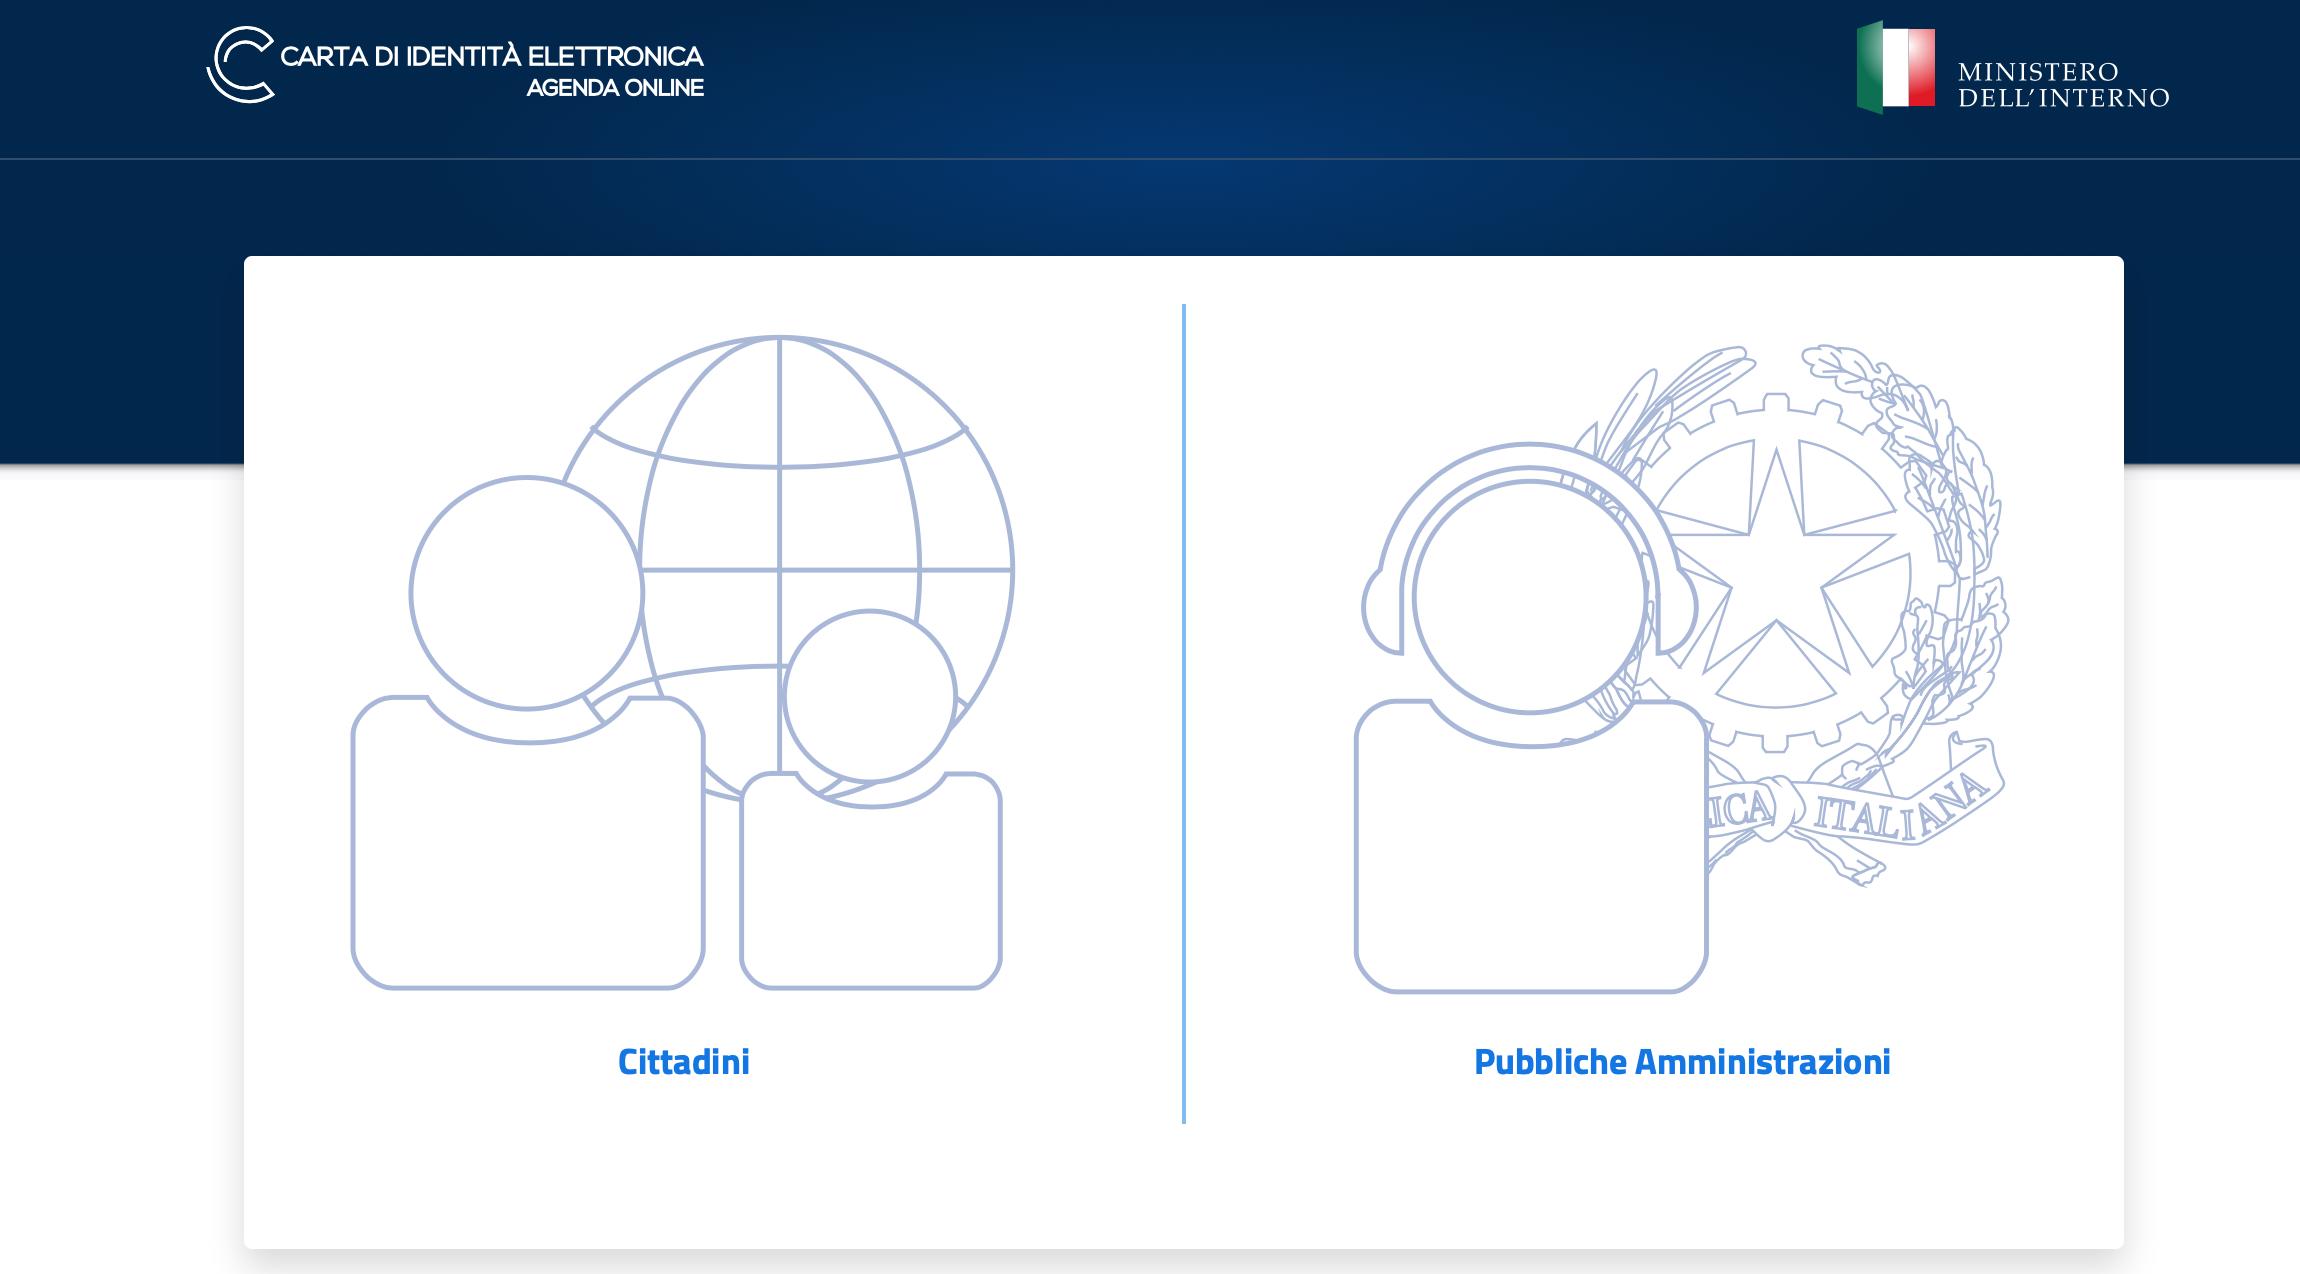 La Carta d'Identità Elettronica (CIE) ora si richiede online 1